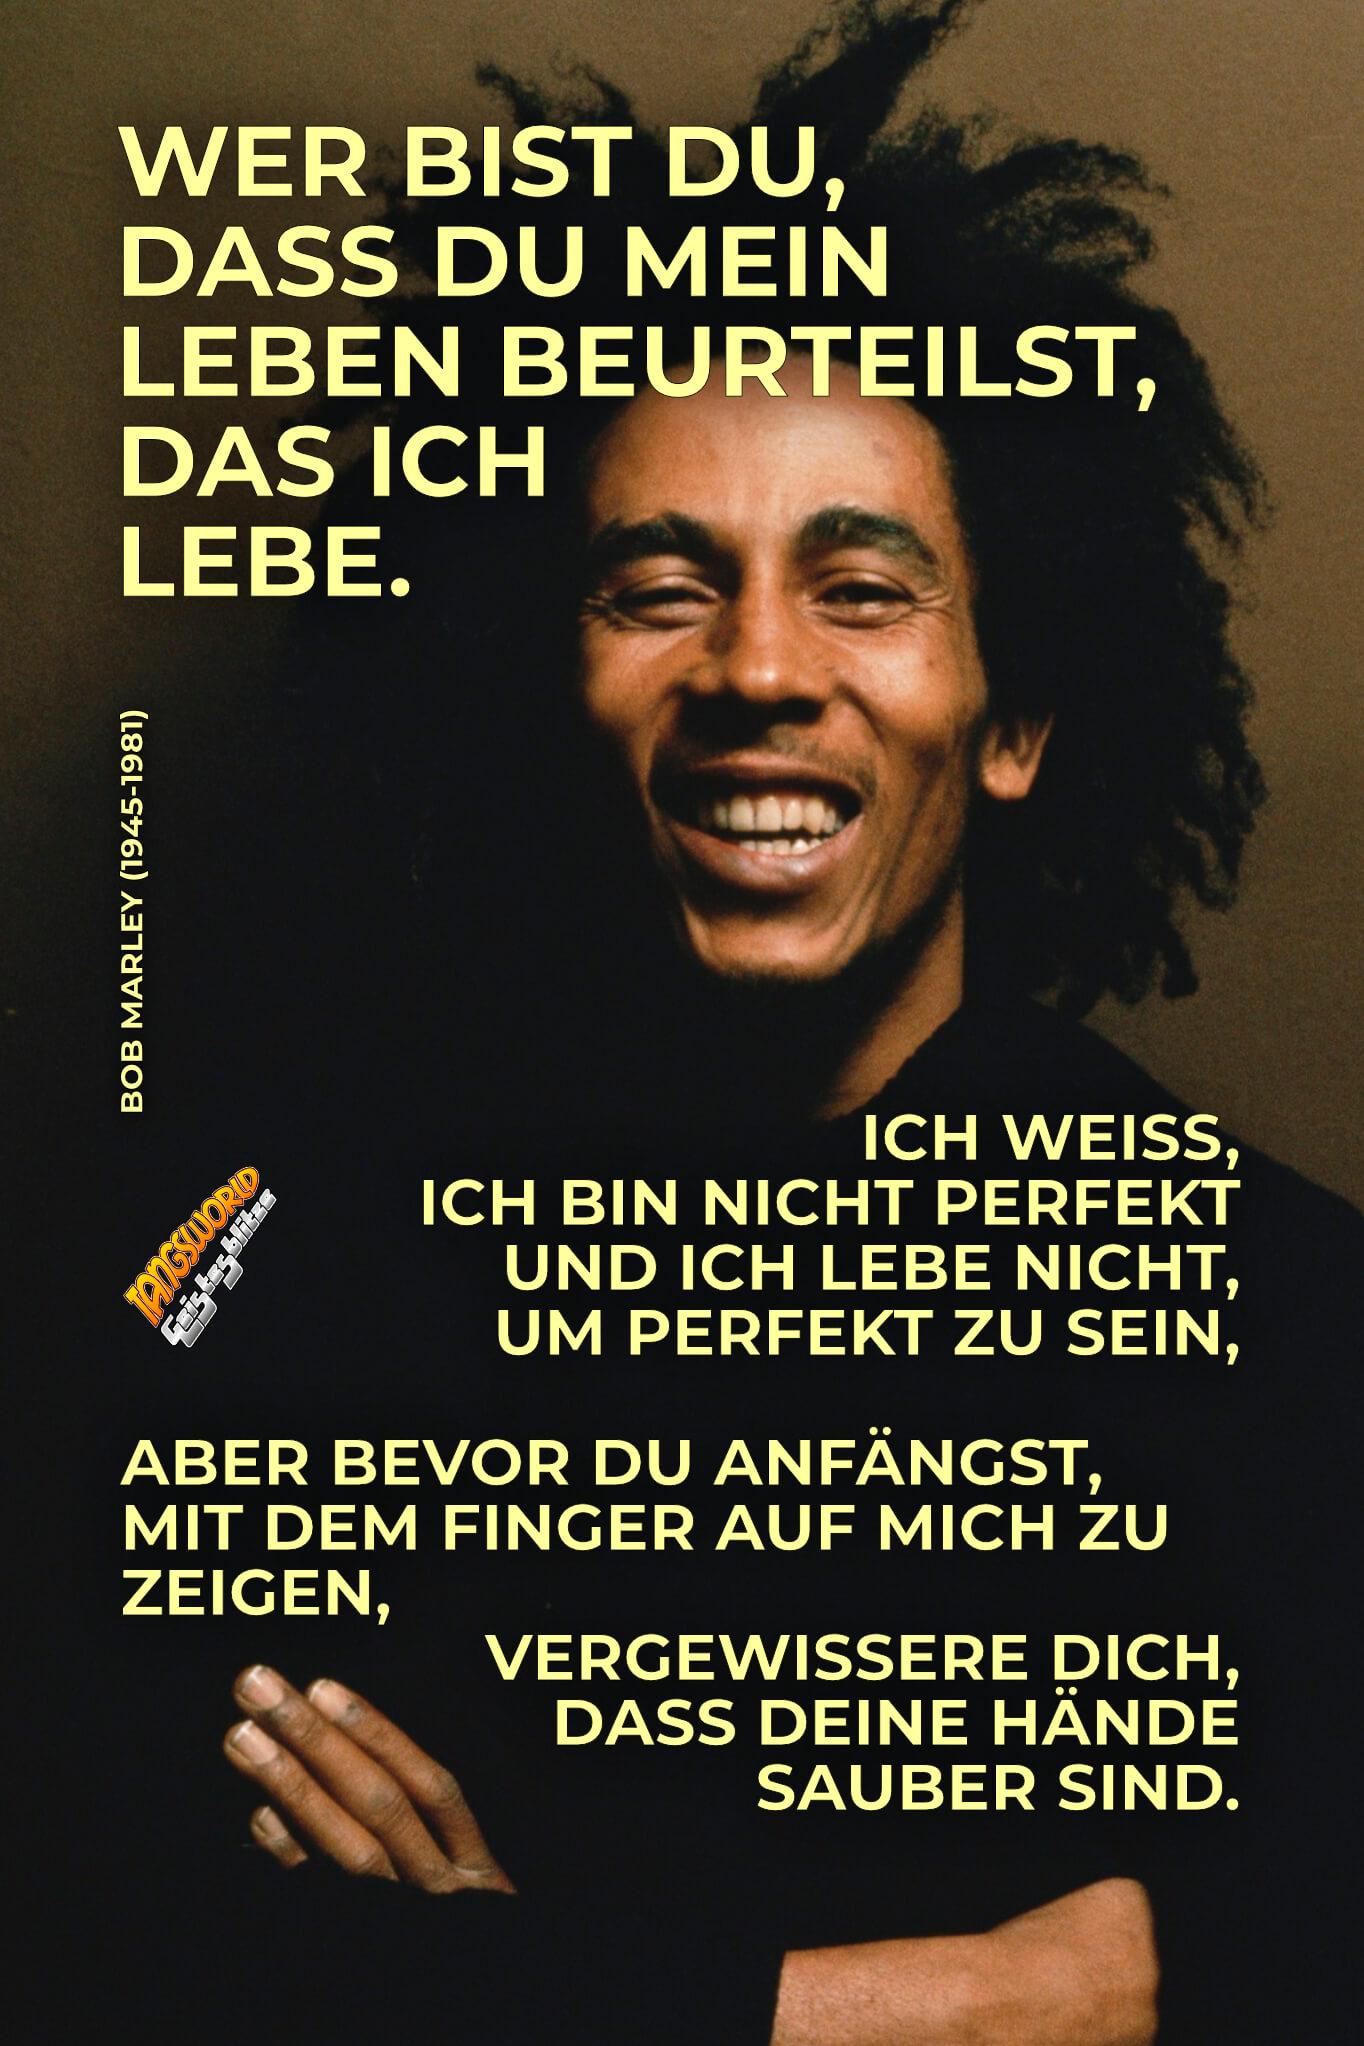 Wer bist du, dass du mein Leben beurteilst, das ich lebe. Ich weiß, ich bin nicht perfekt und ich lebe nicht, um perfekt zu sein, aber bevor du anfängst mit dem Finger auf mich zu zeigen, vergewissere dich, dass deine Hände sauber sind. - Geistesblitze   Bob Marley